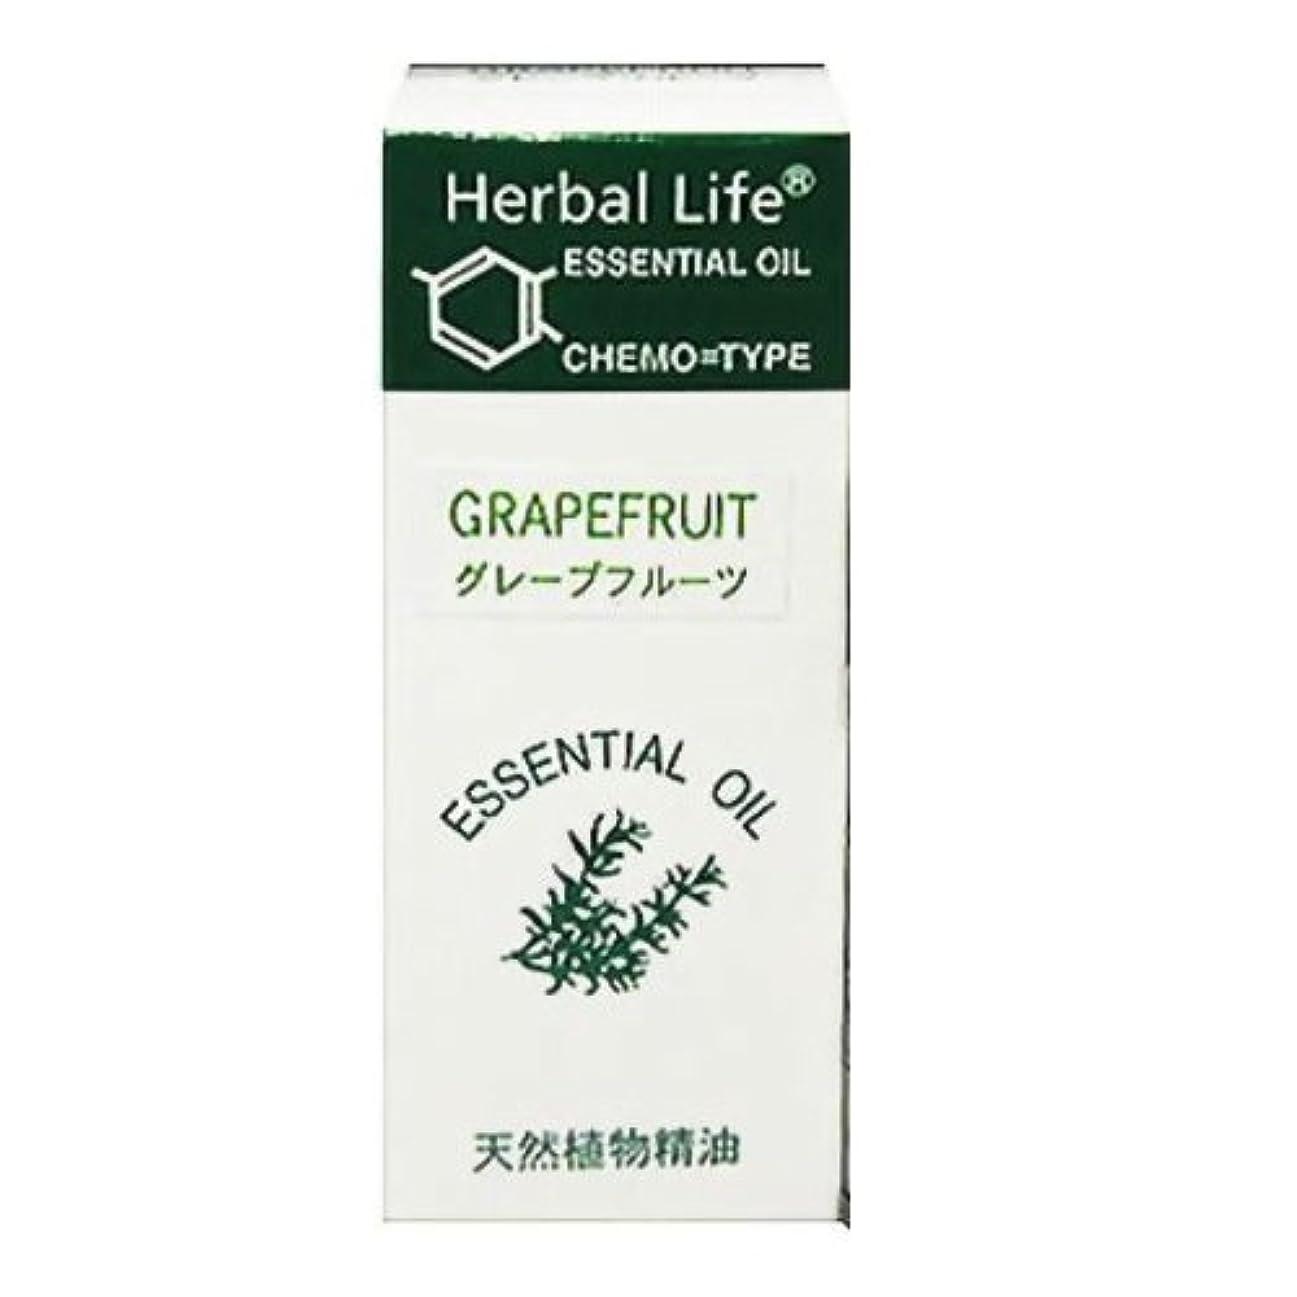 絶えず思春期のスクラッチ生活の木 エッセンシャルオイル グレープフルーツ 10ml